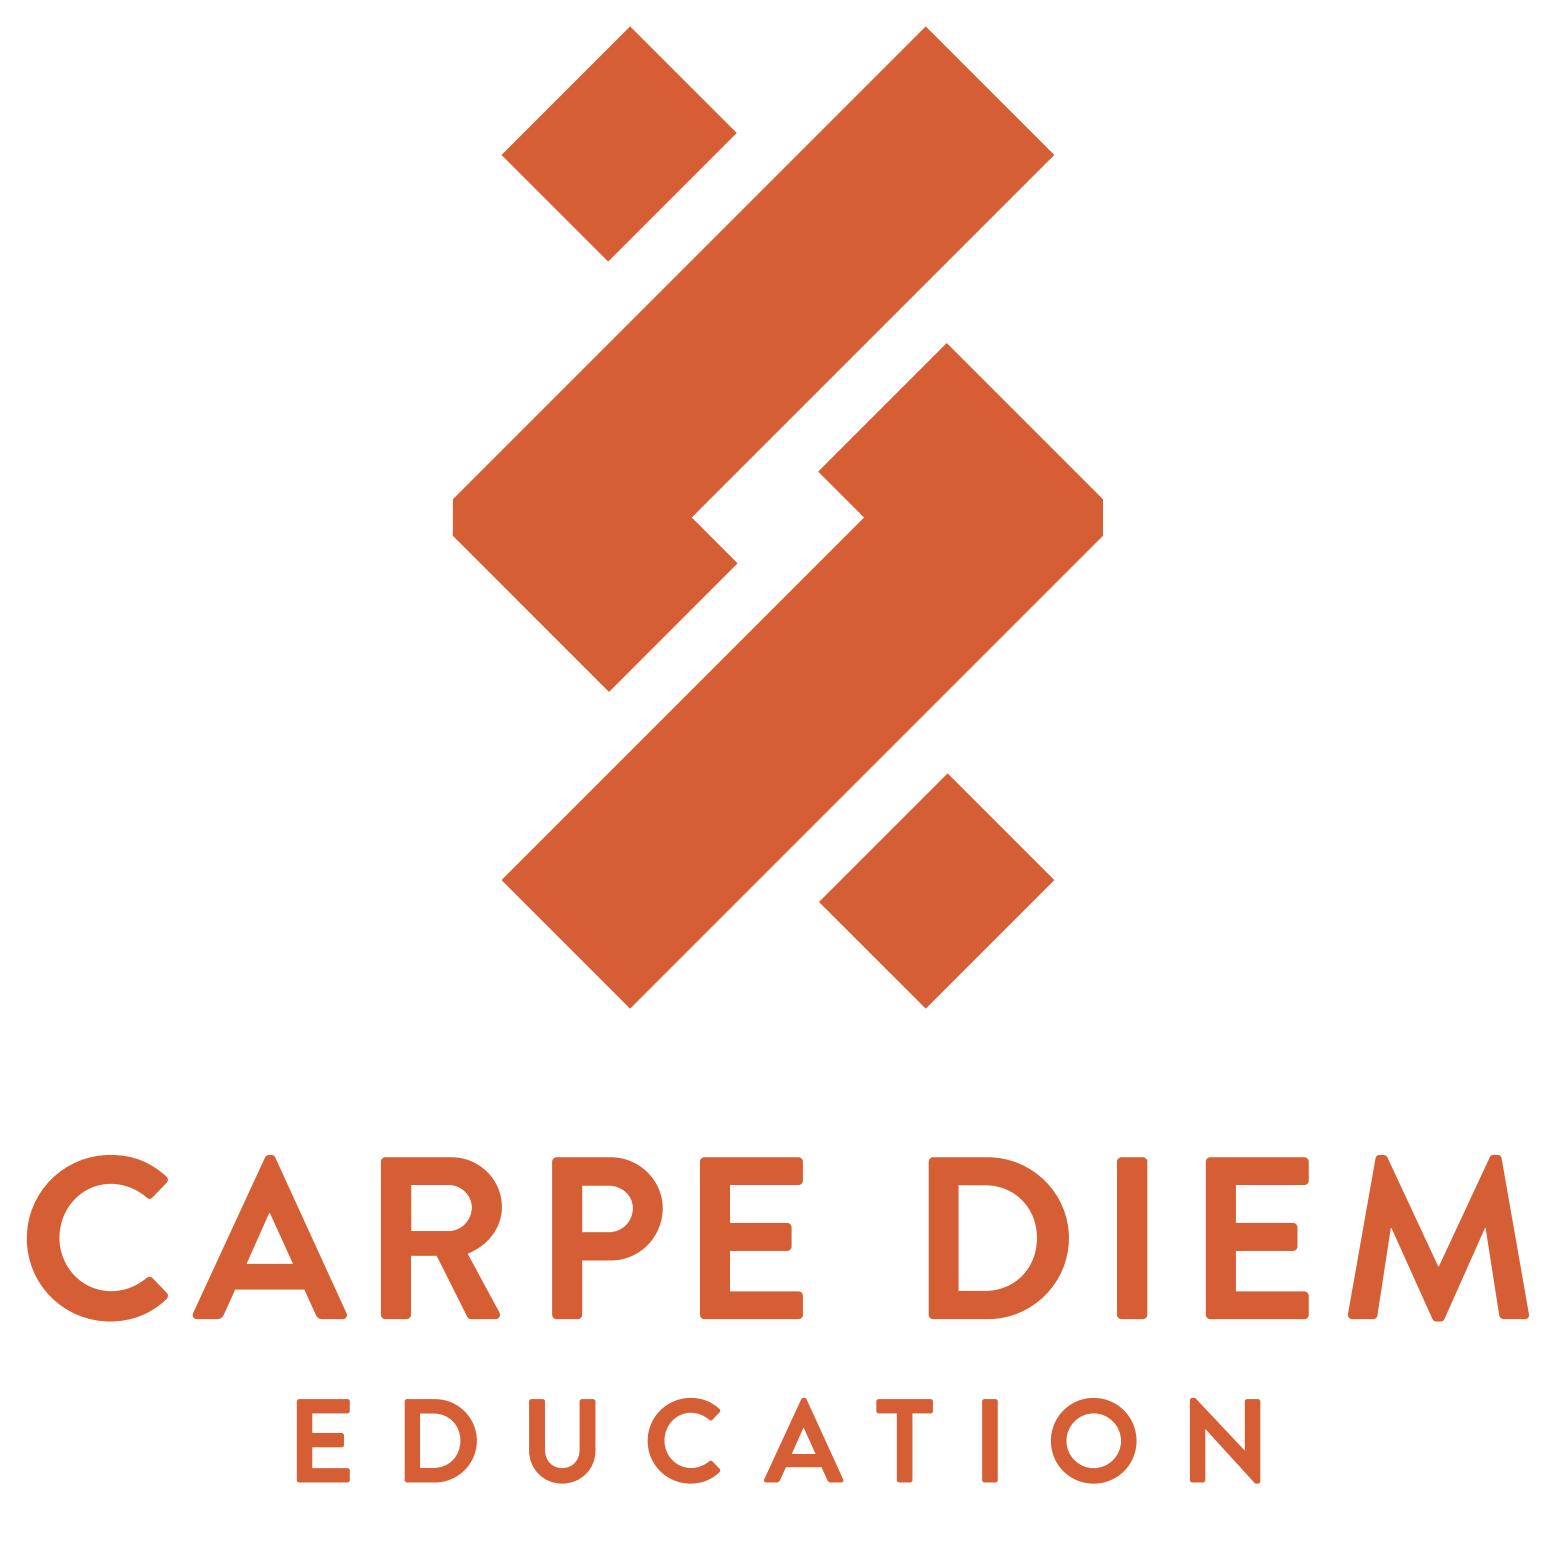 Logo for Carpe Diem Education